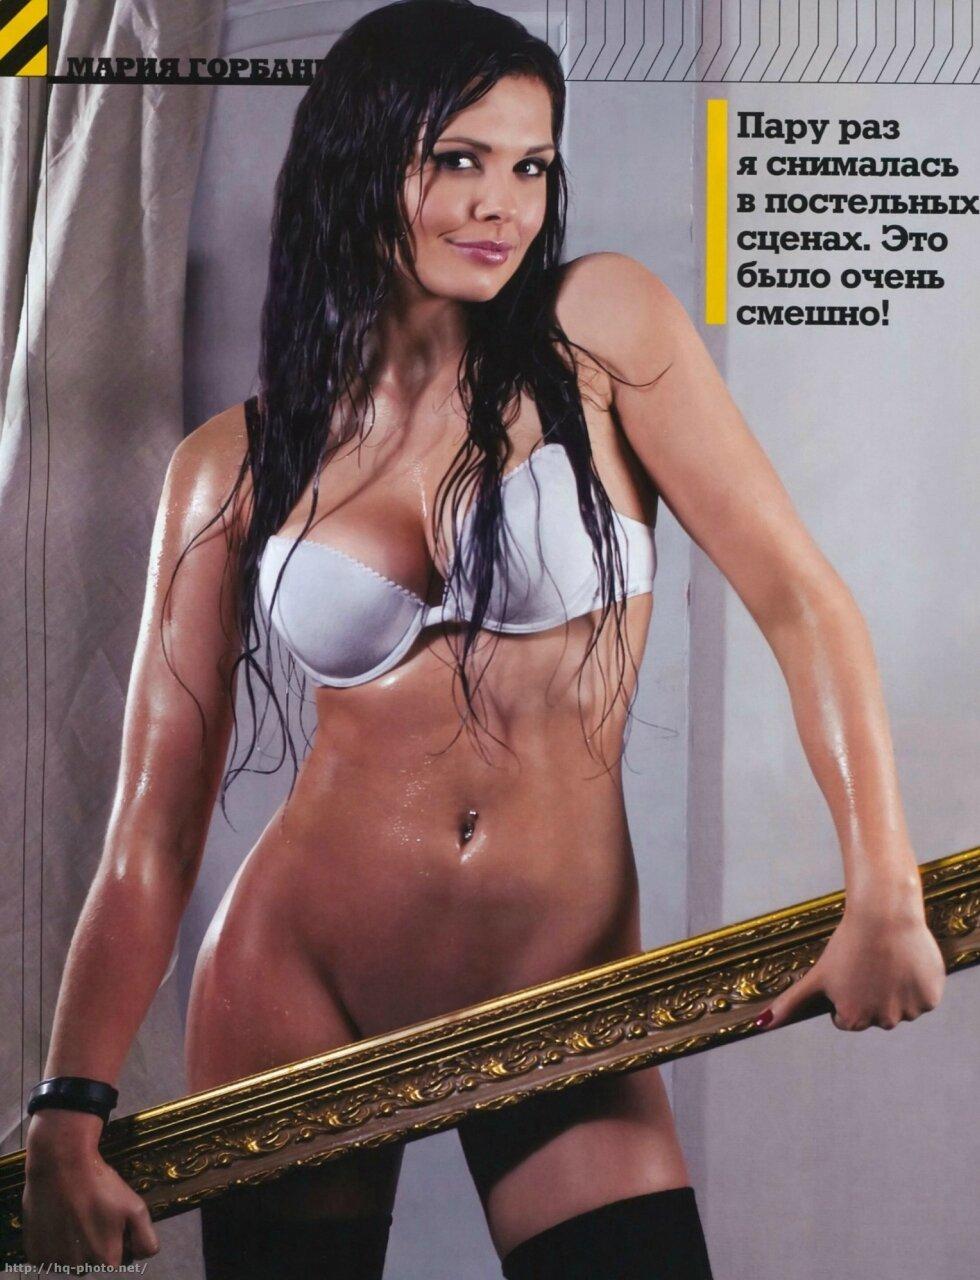 Голая актриса Ольга Зайцева фото эротика картинки